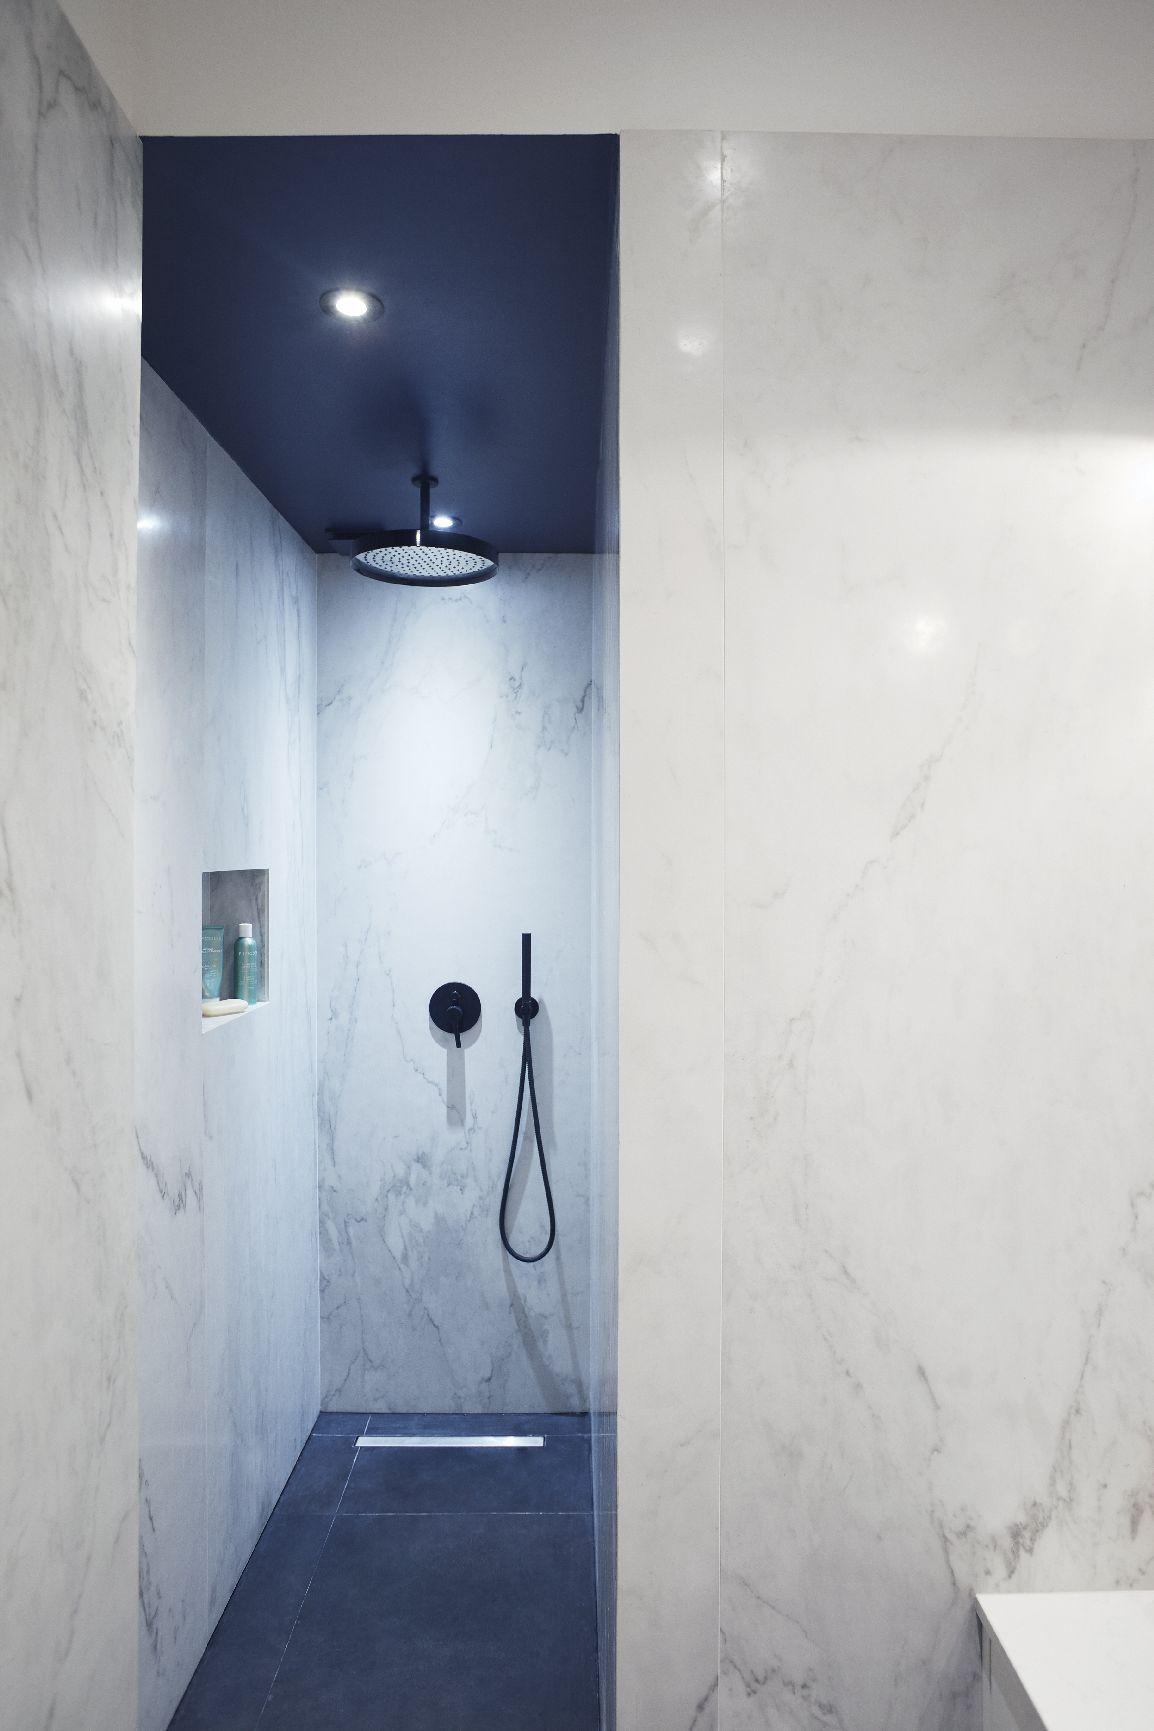 Épinglé sur Bathrooms